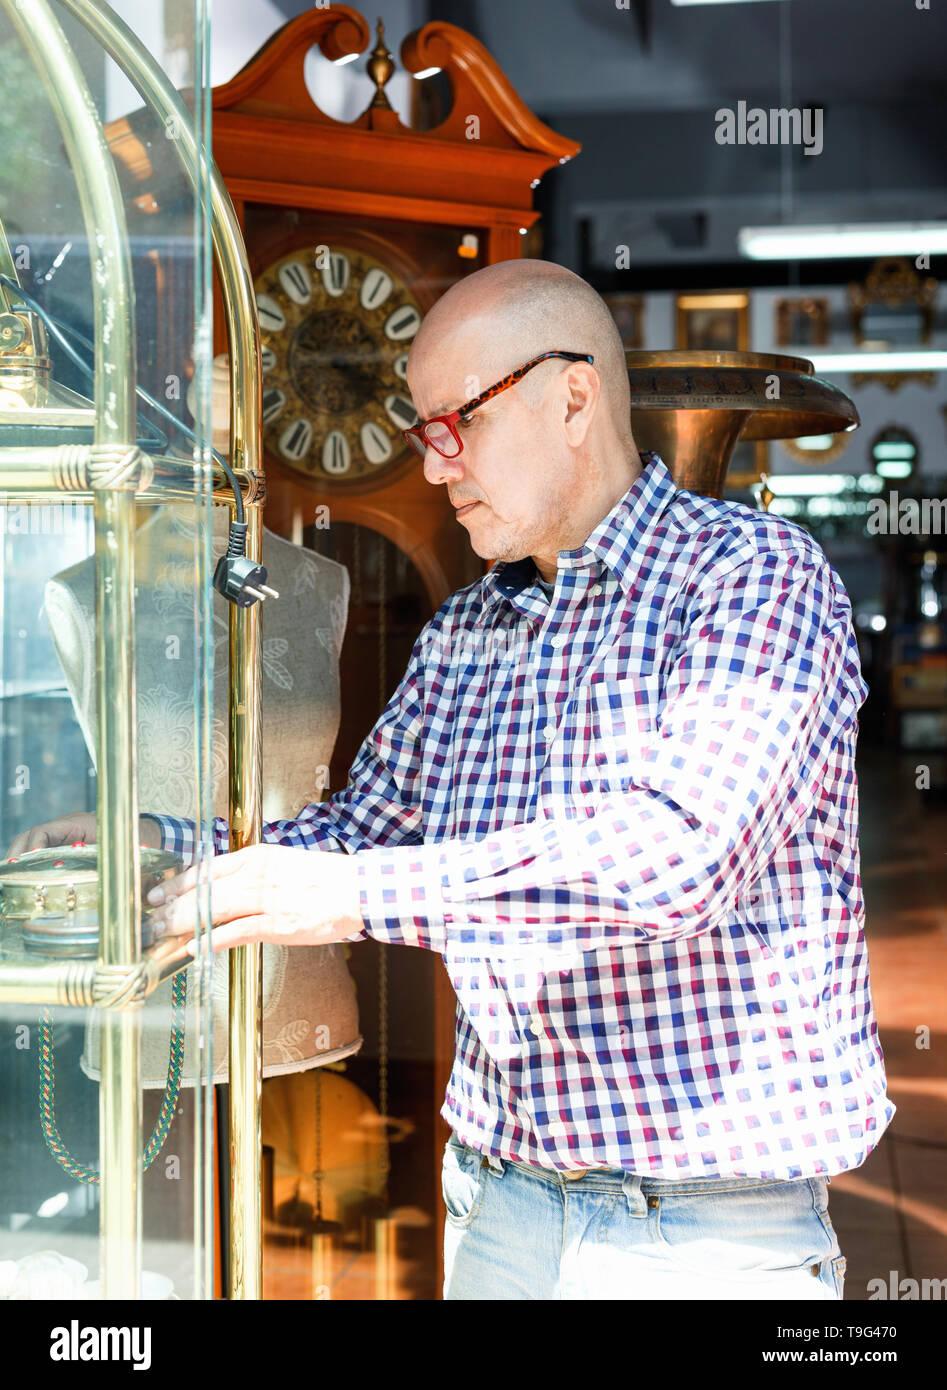 Portrait of mature pleasant positive friendly man choosing vintage goods at antiques shop - Stock Image